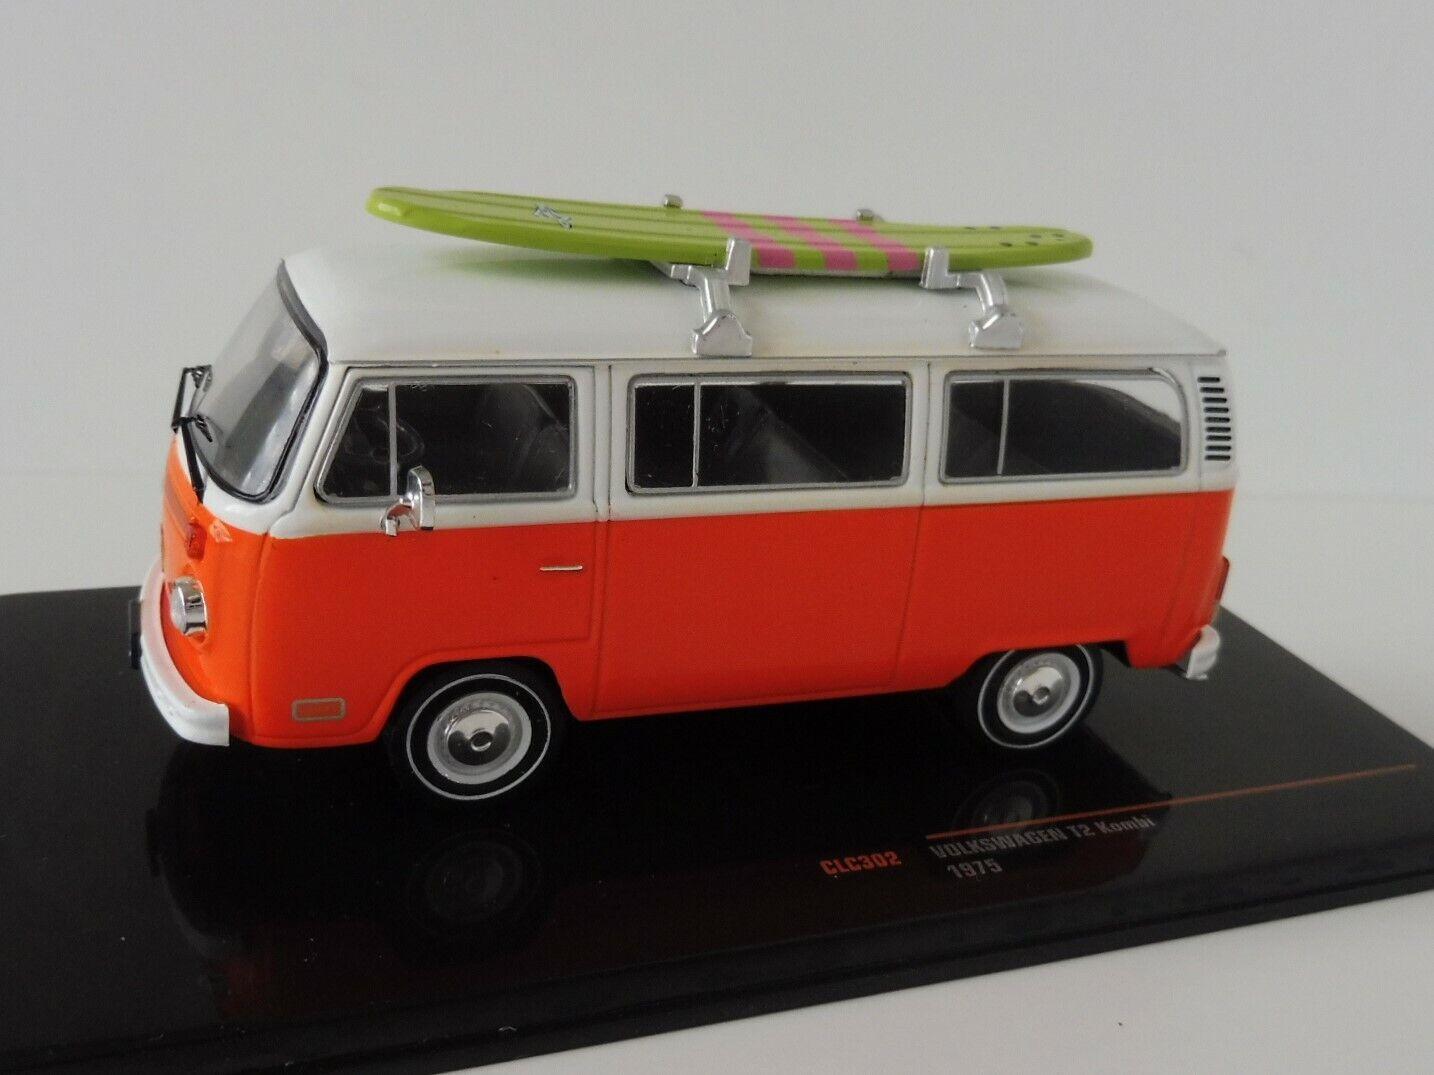 tienda de venta VW t2 coche familiar 1975 naranja surfboard 1 1 1 43 ixoclc 302 Type autobús volkswagen descubrimos Ixo  la calidad primero los consumidores primero